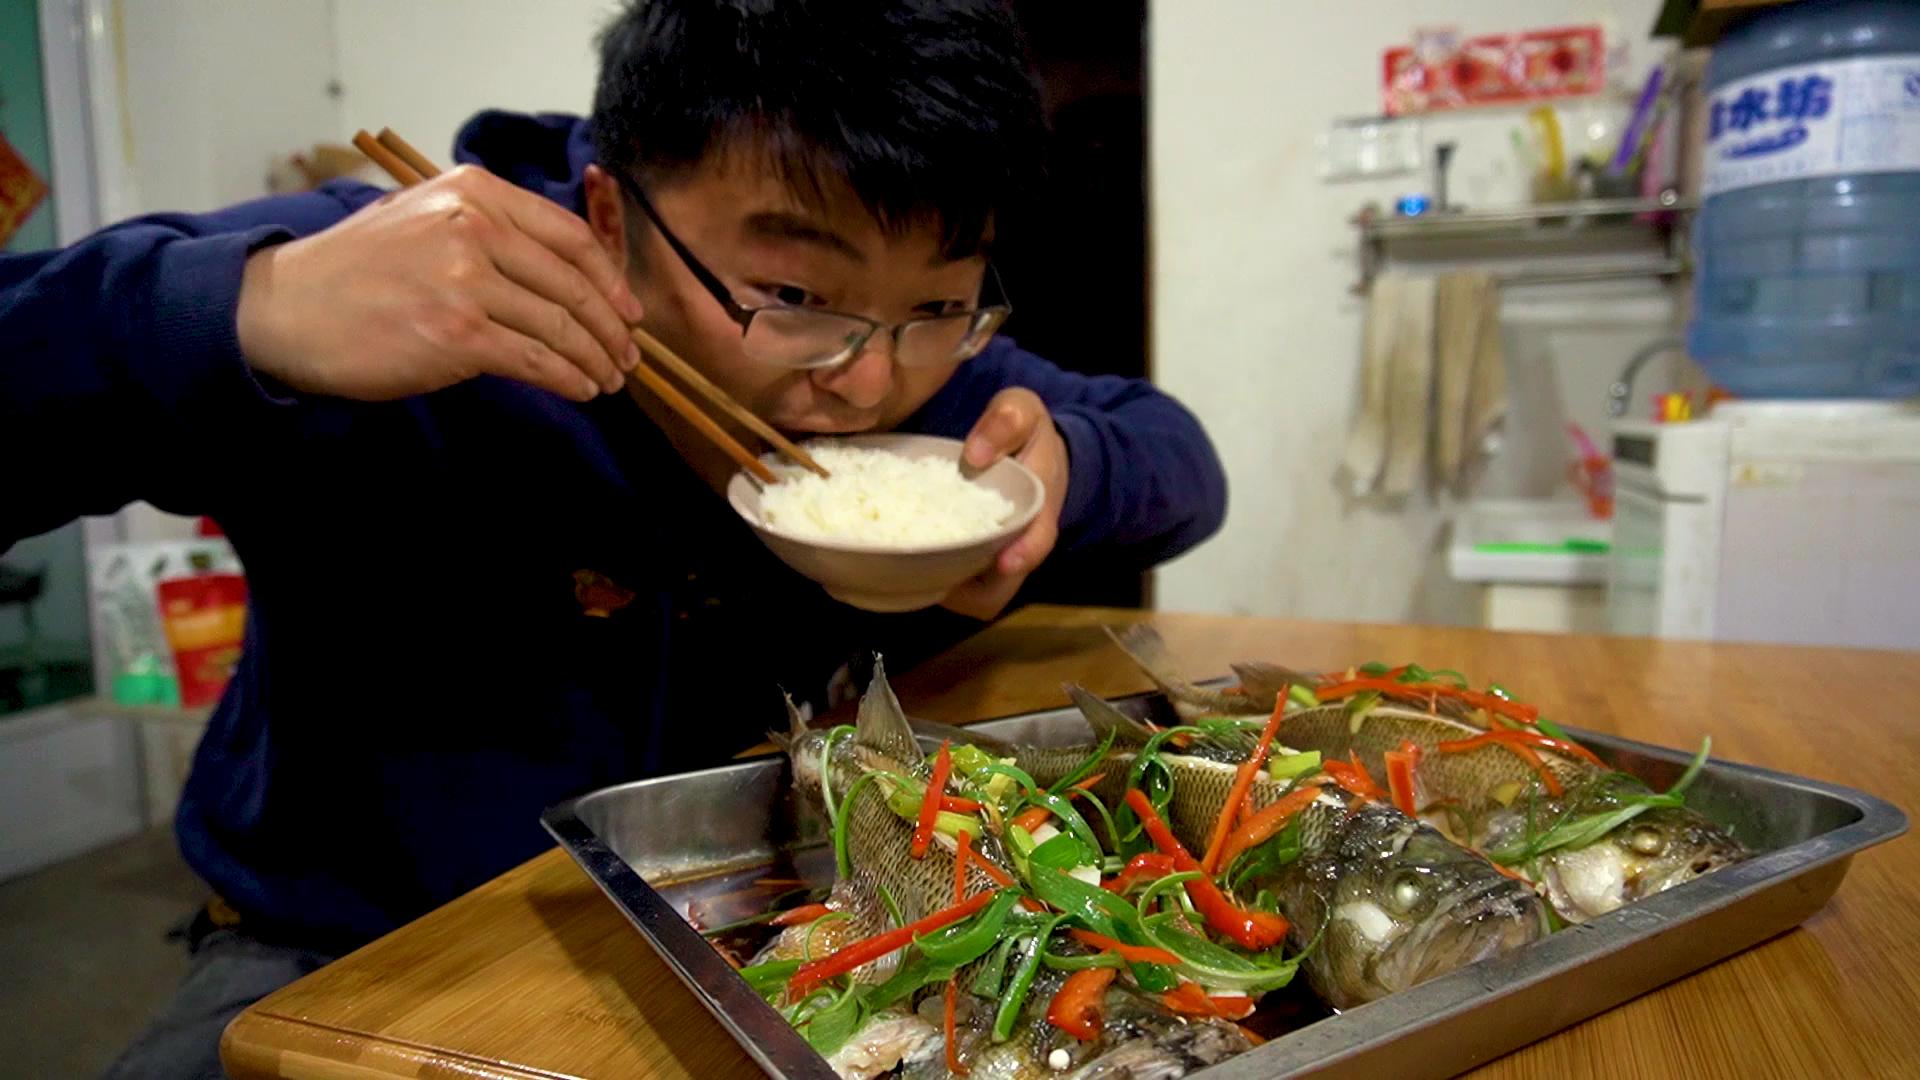 10元四斤的鲈鱼,烧一大盘应该能吃,三条鱼四碗饭,真过瘾